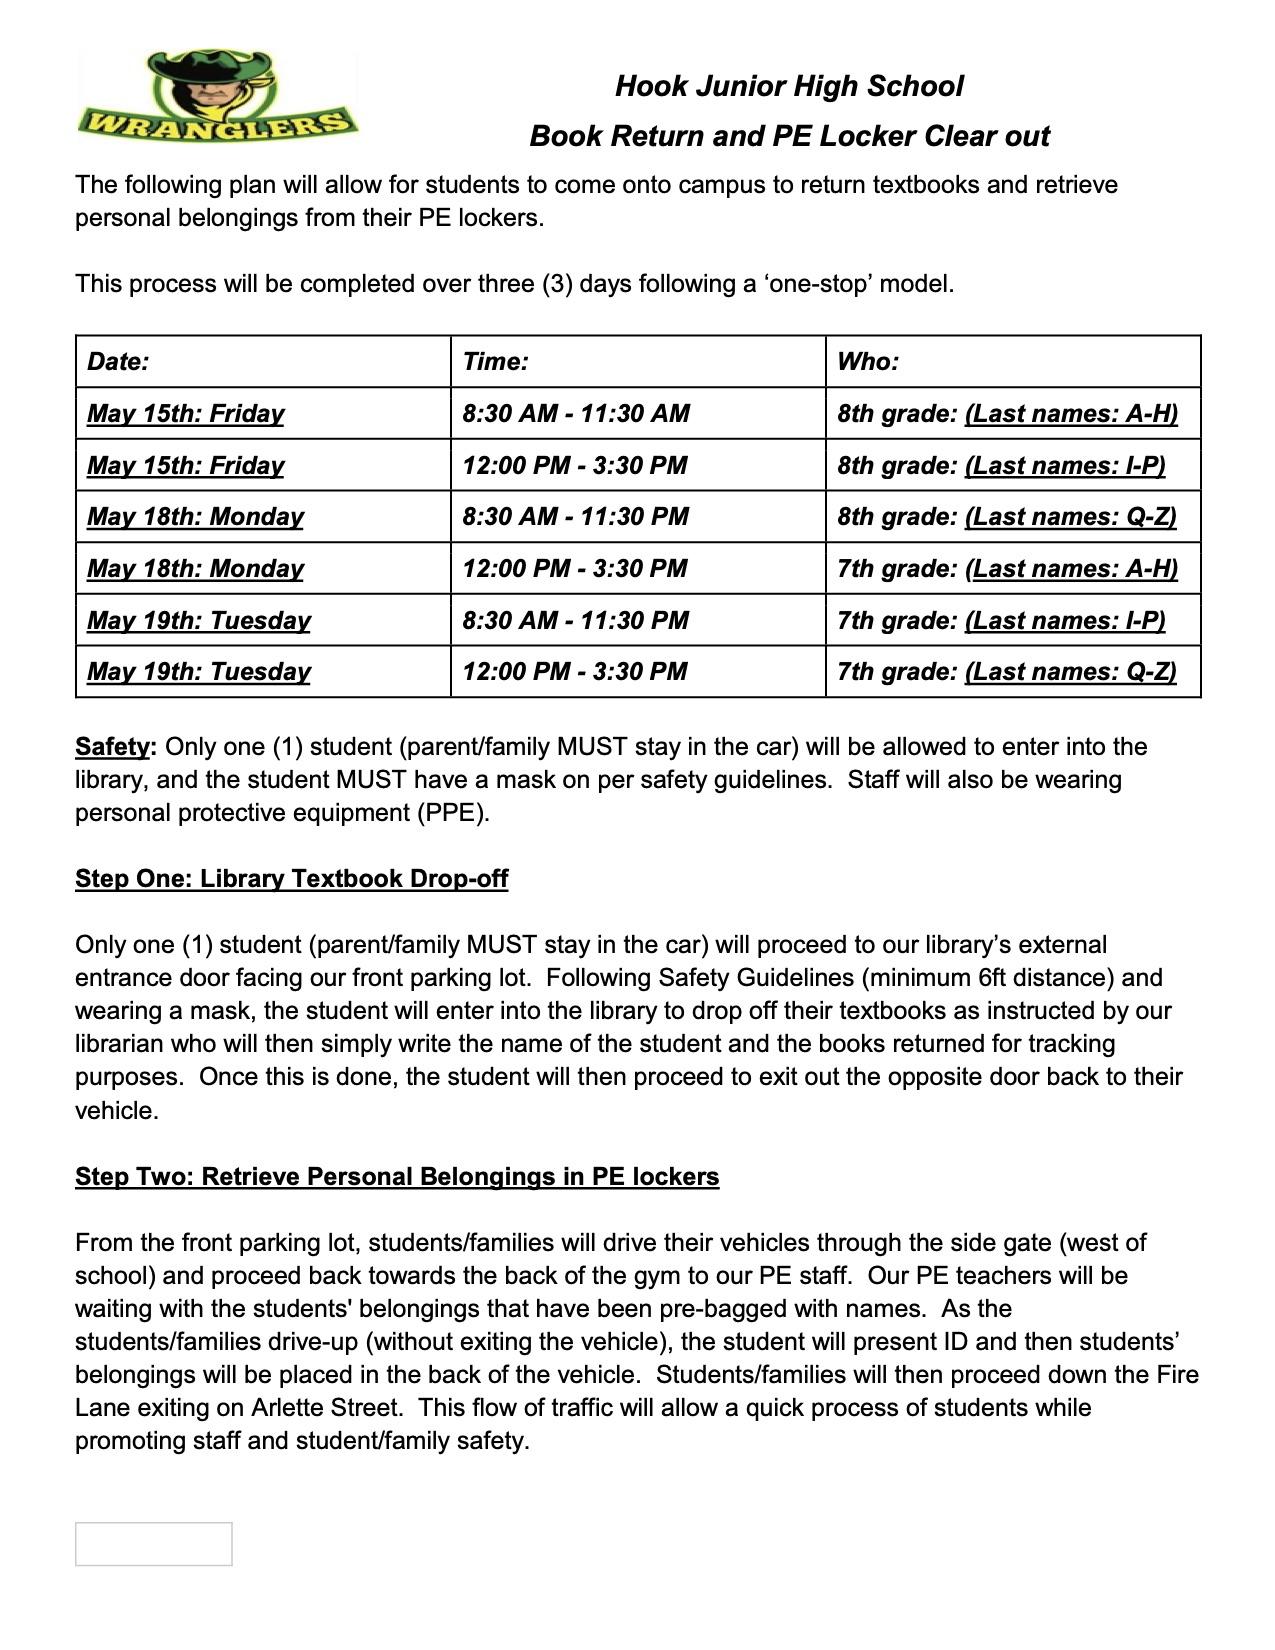 Home - Imogene Garner Hook Junior High School For Victorville School District Class Schedule